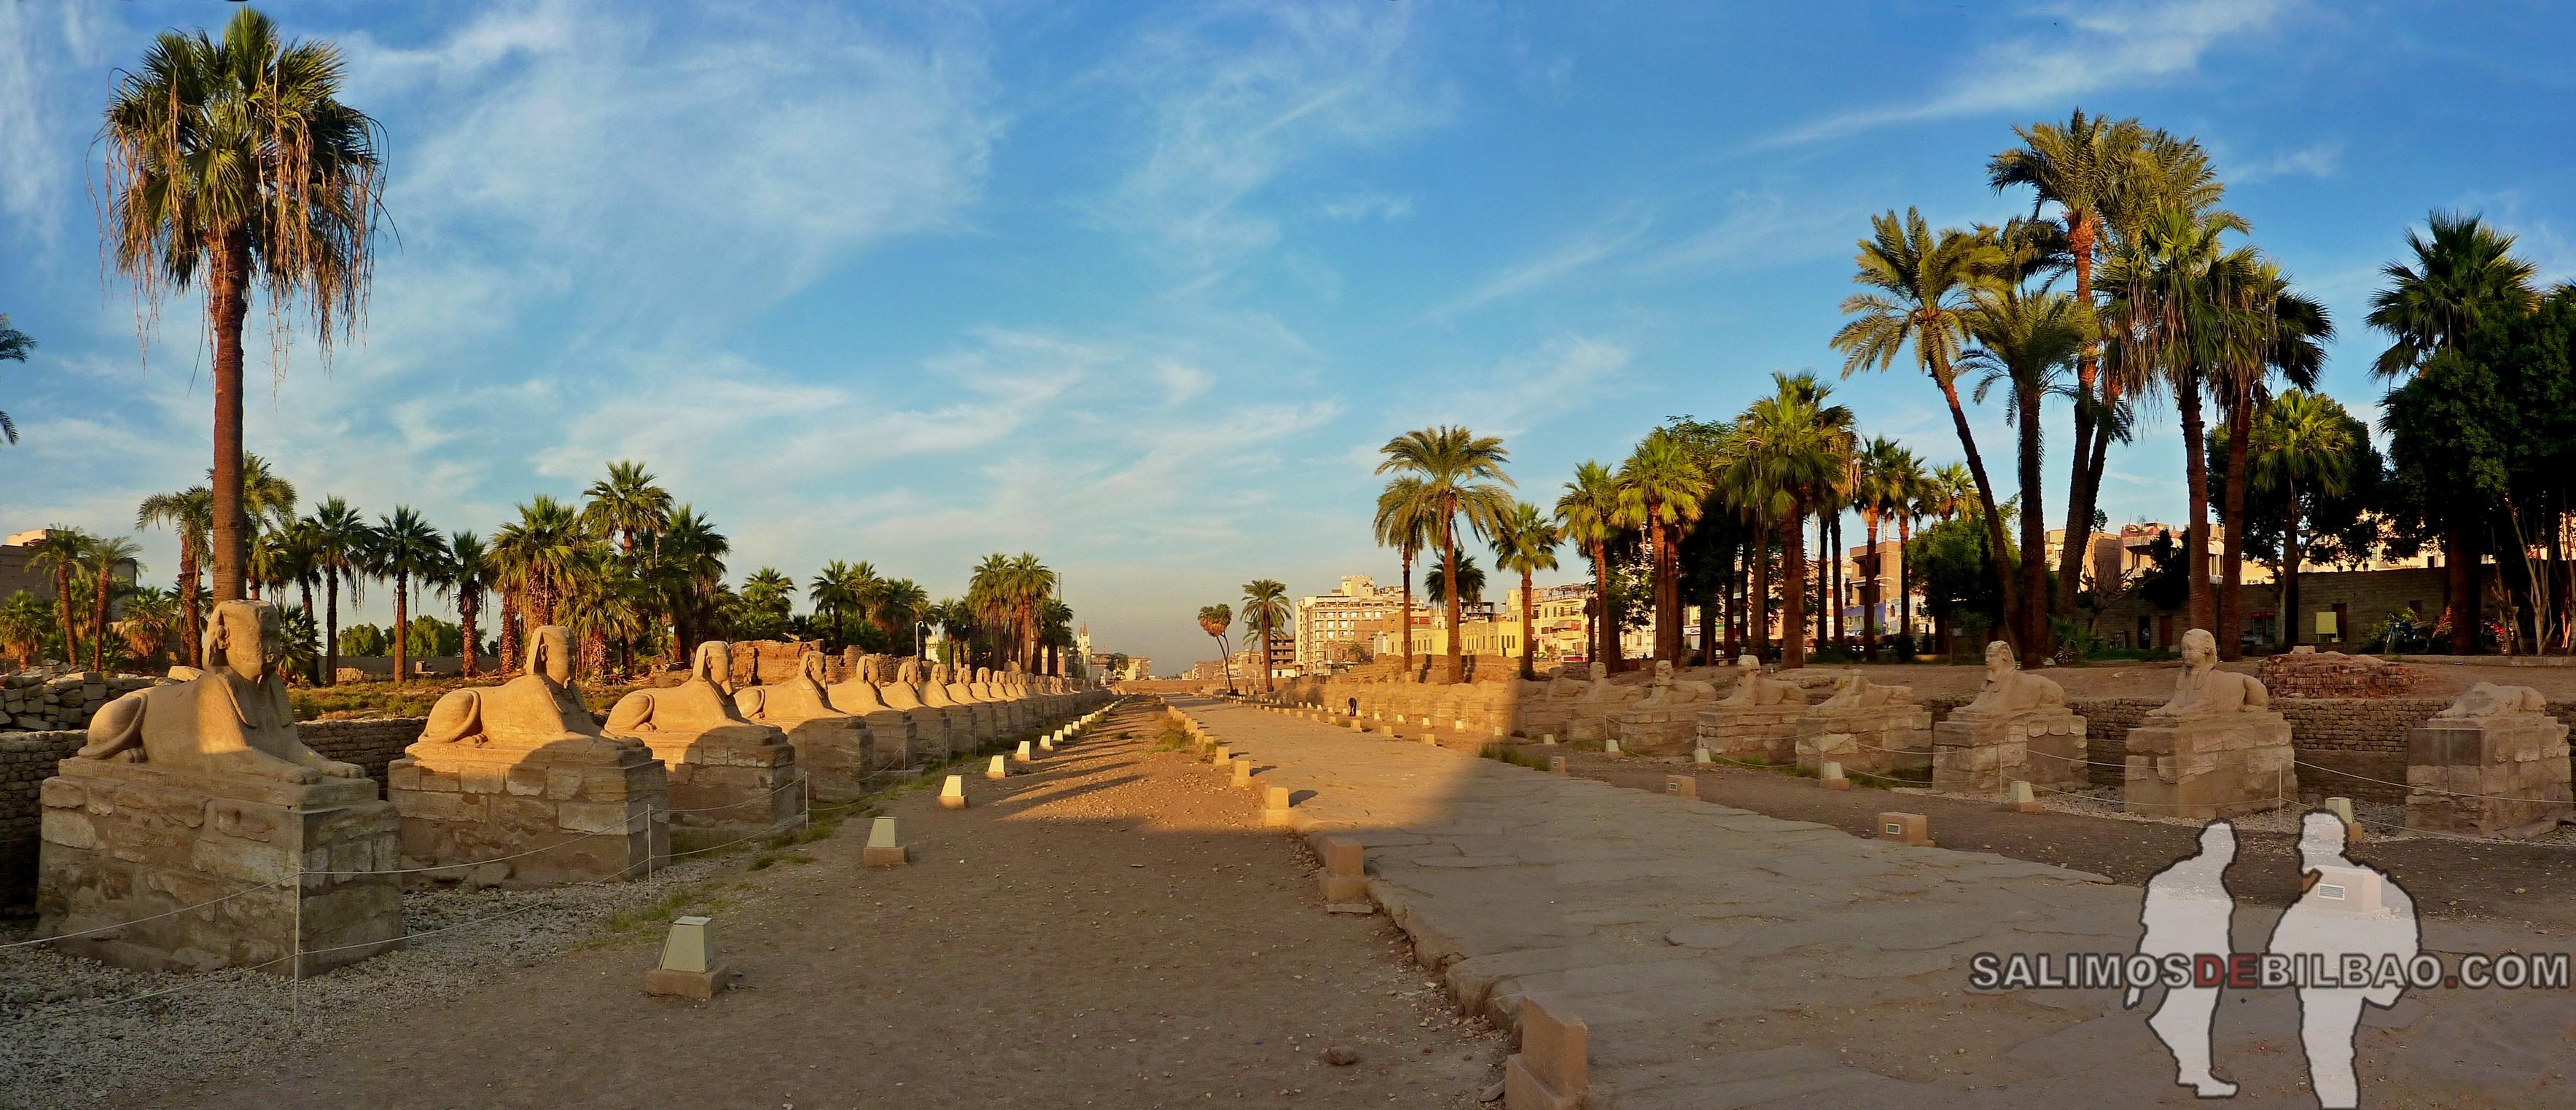 0704. Pano, Templo de Luxor